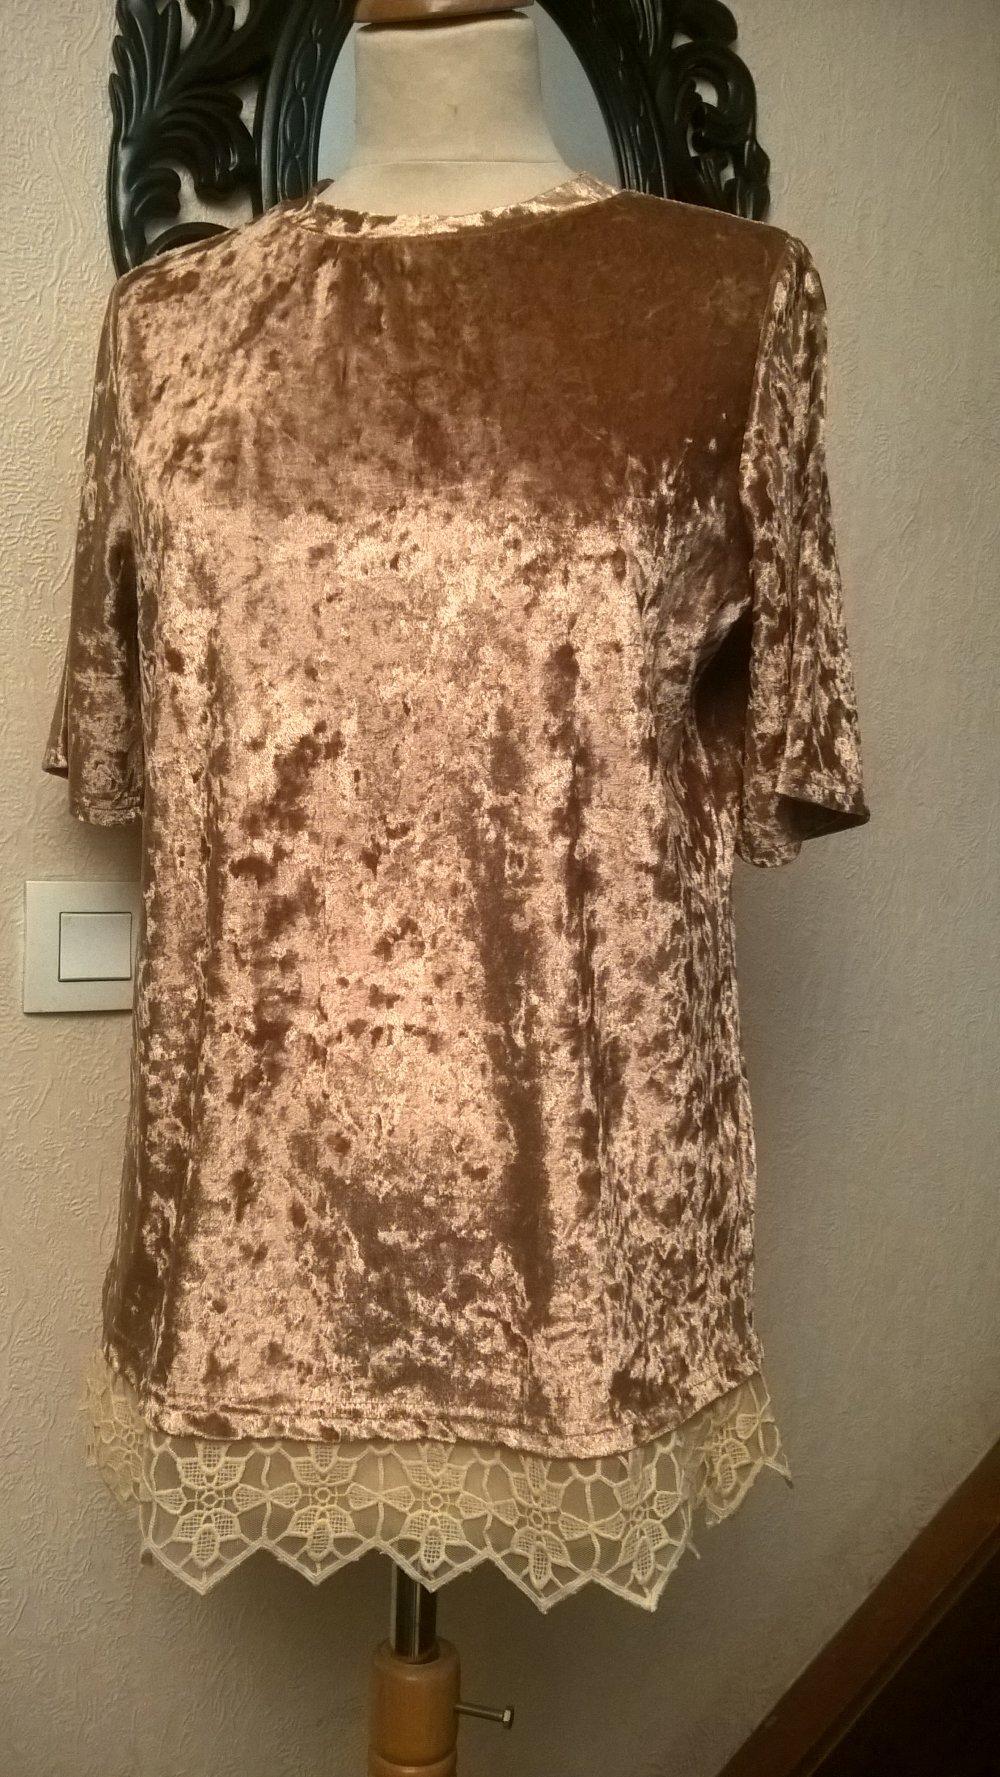 Tee shirt femme,manches courtes,velours et dentelle,couleur doré,tee shirt fille,vêtements femme,vêtements fille,cadeau